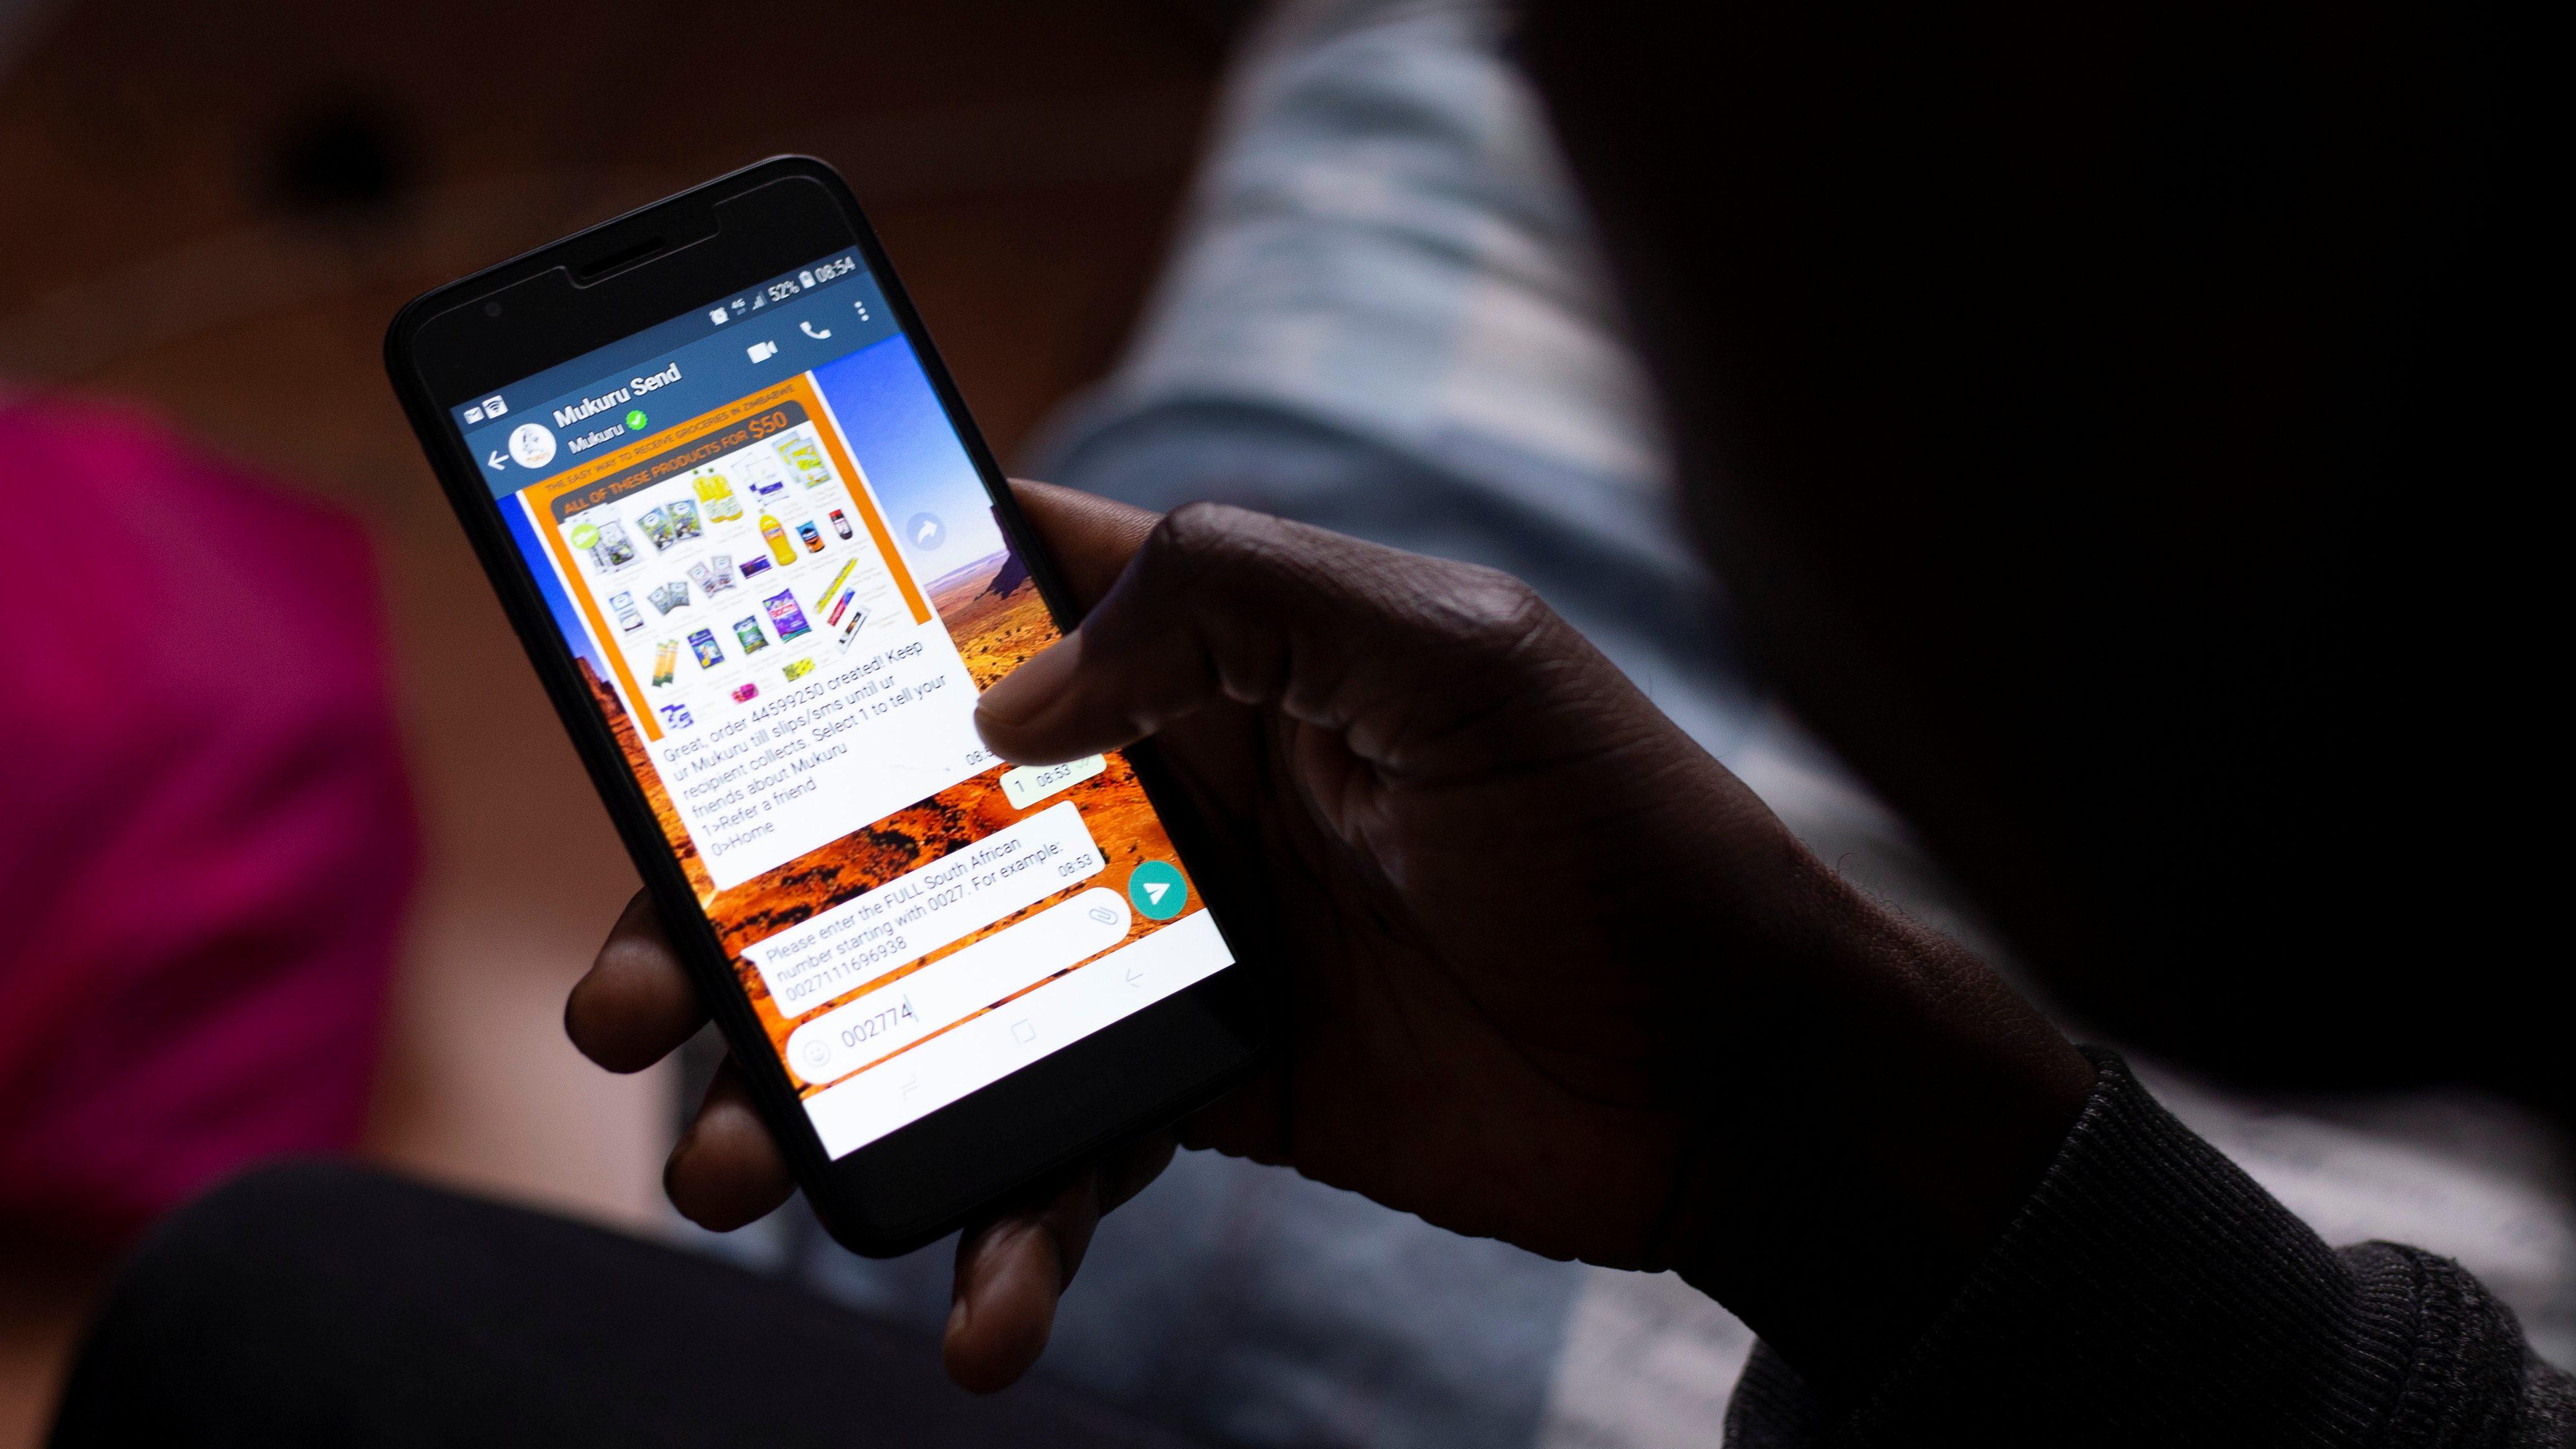 African fintech startups still face major funding gaps